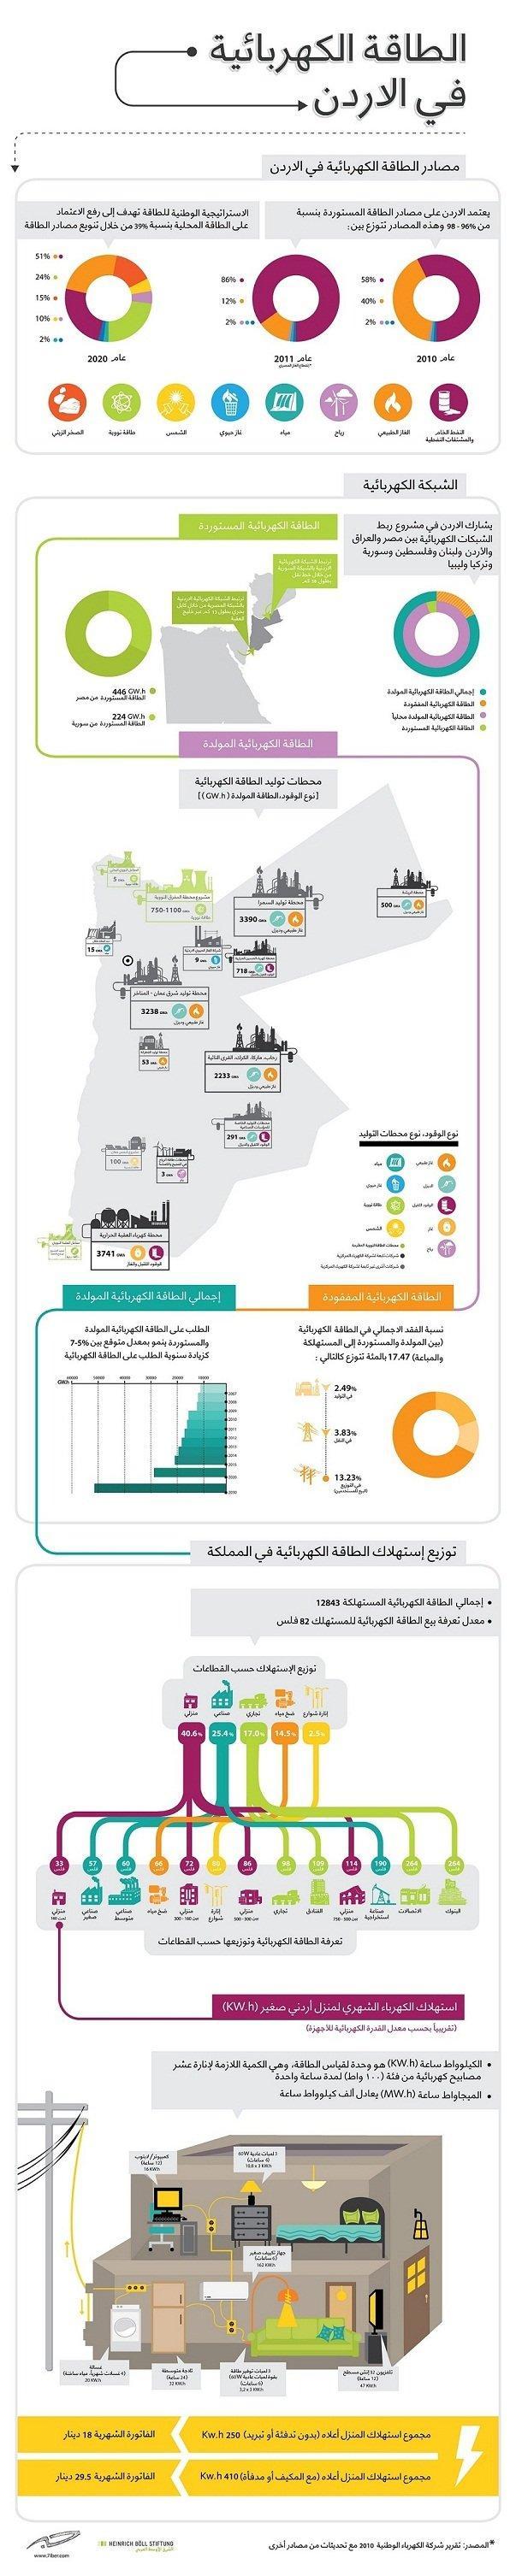 الطاقة الكهربائية في #الأردن #انفوجرافيك_عربي #انفوجرافيك